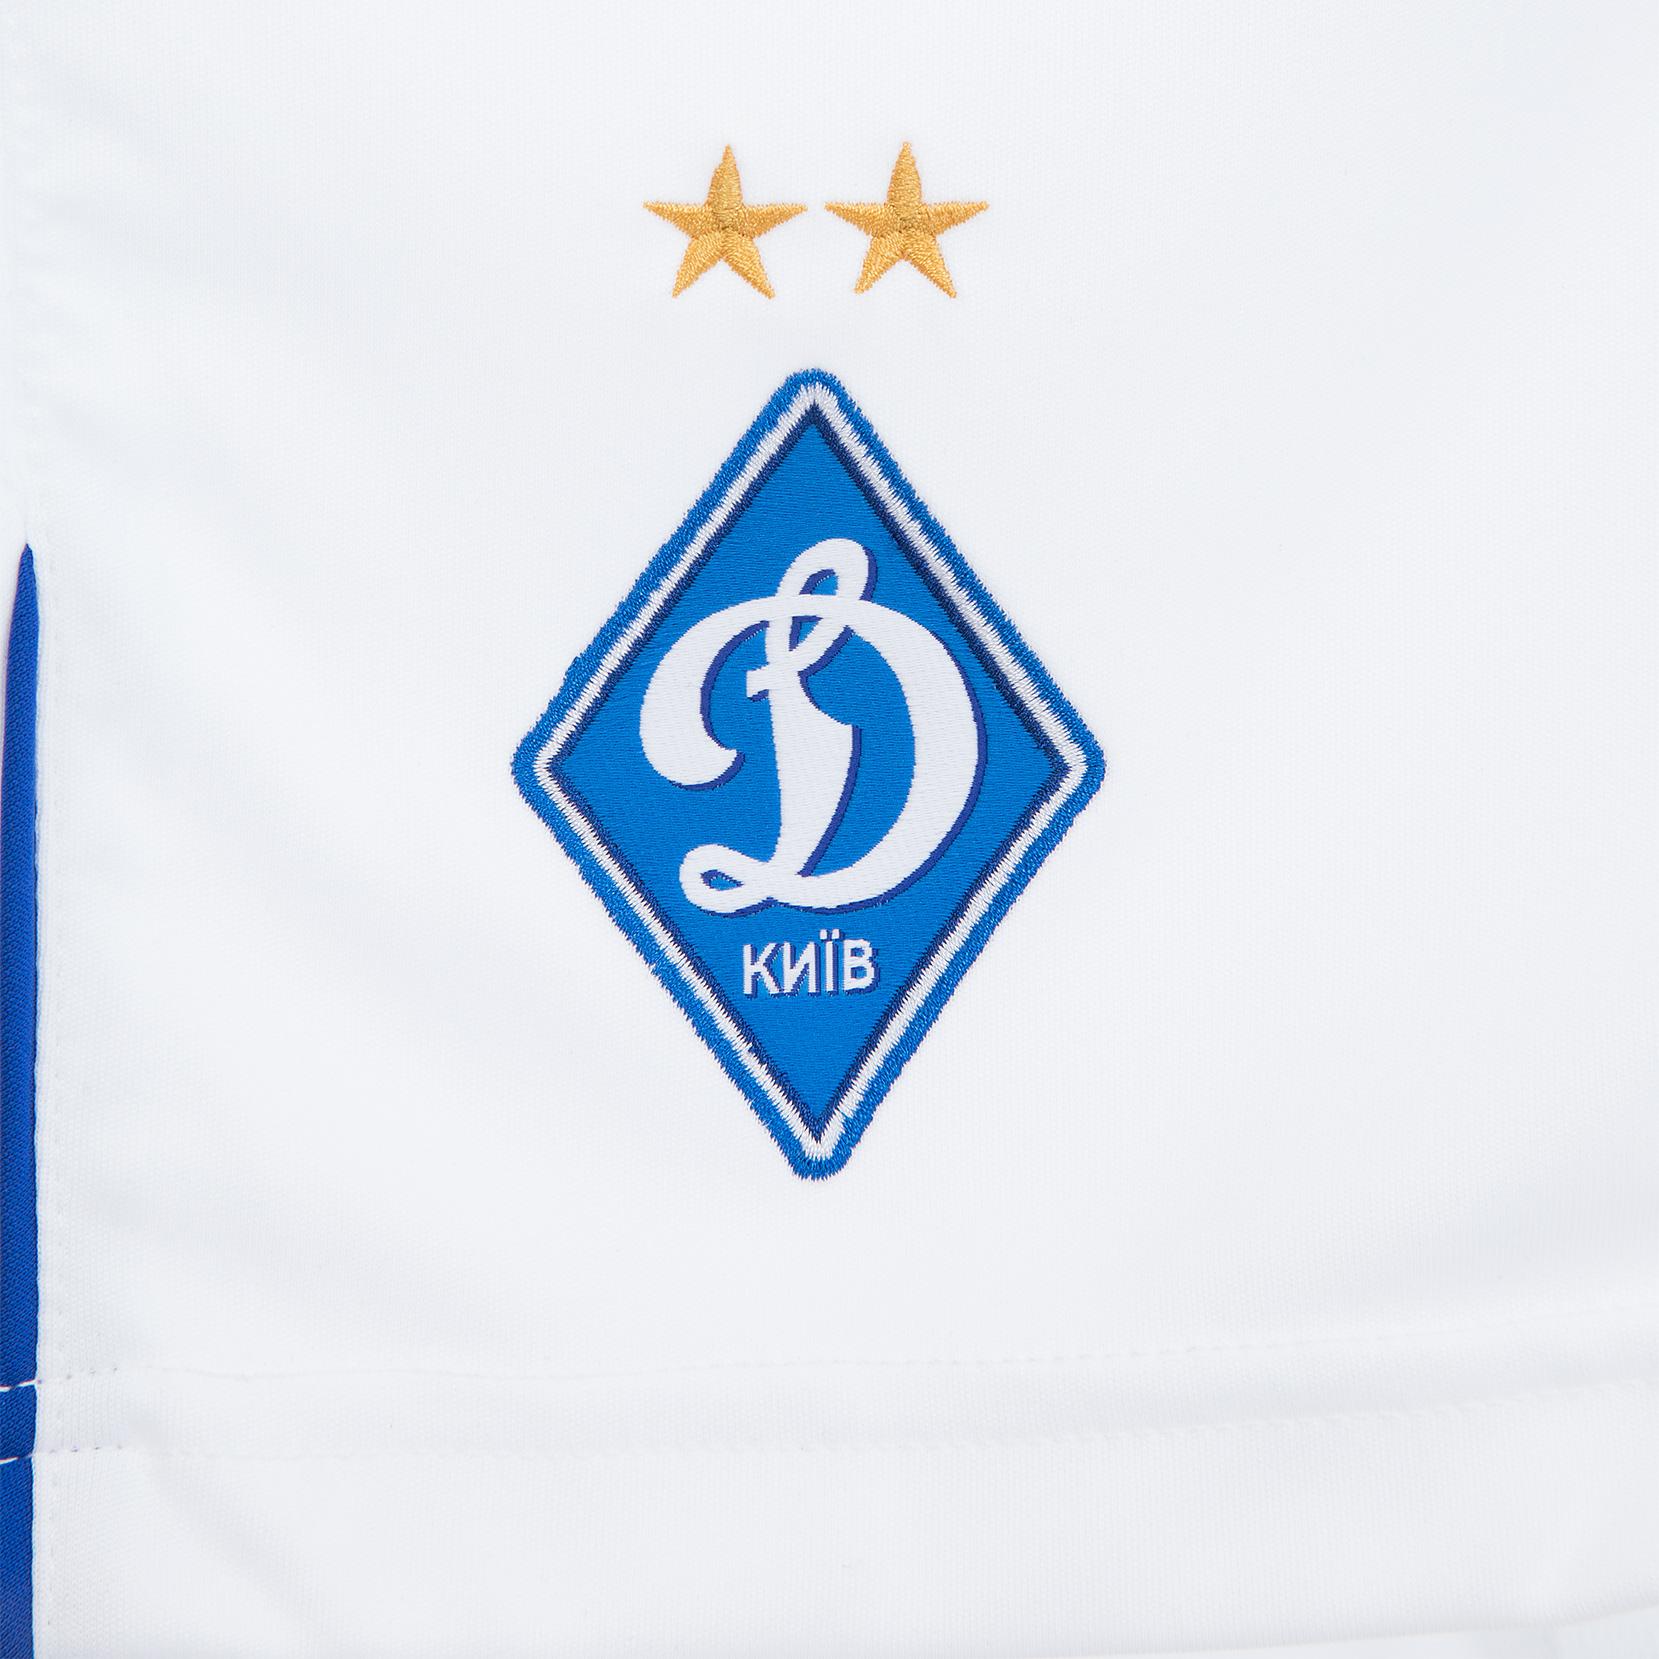 Шорти ігрові юнацькі ФК «Динамо» Київ для дітей EJS8006WT | New Balance